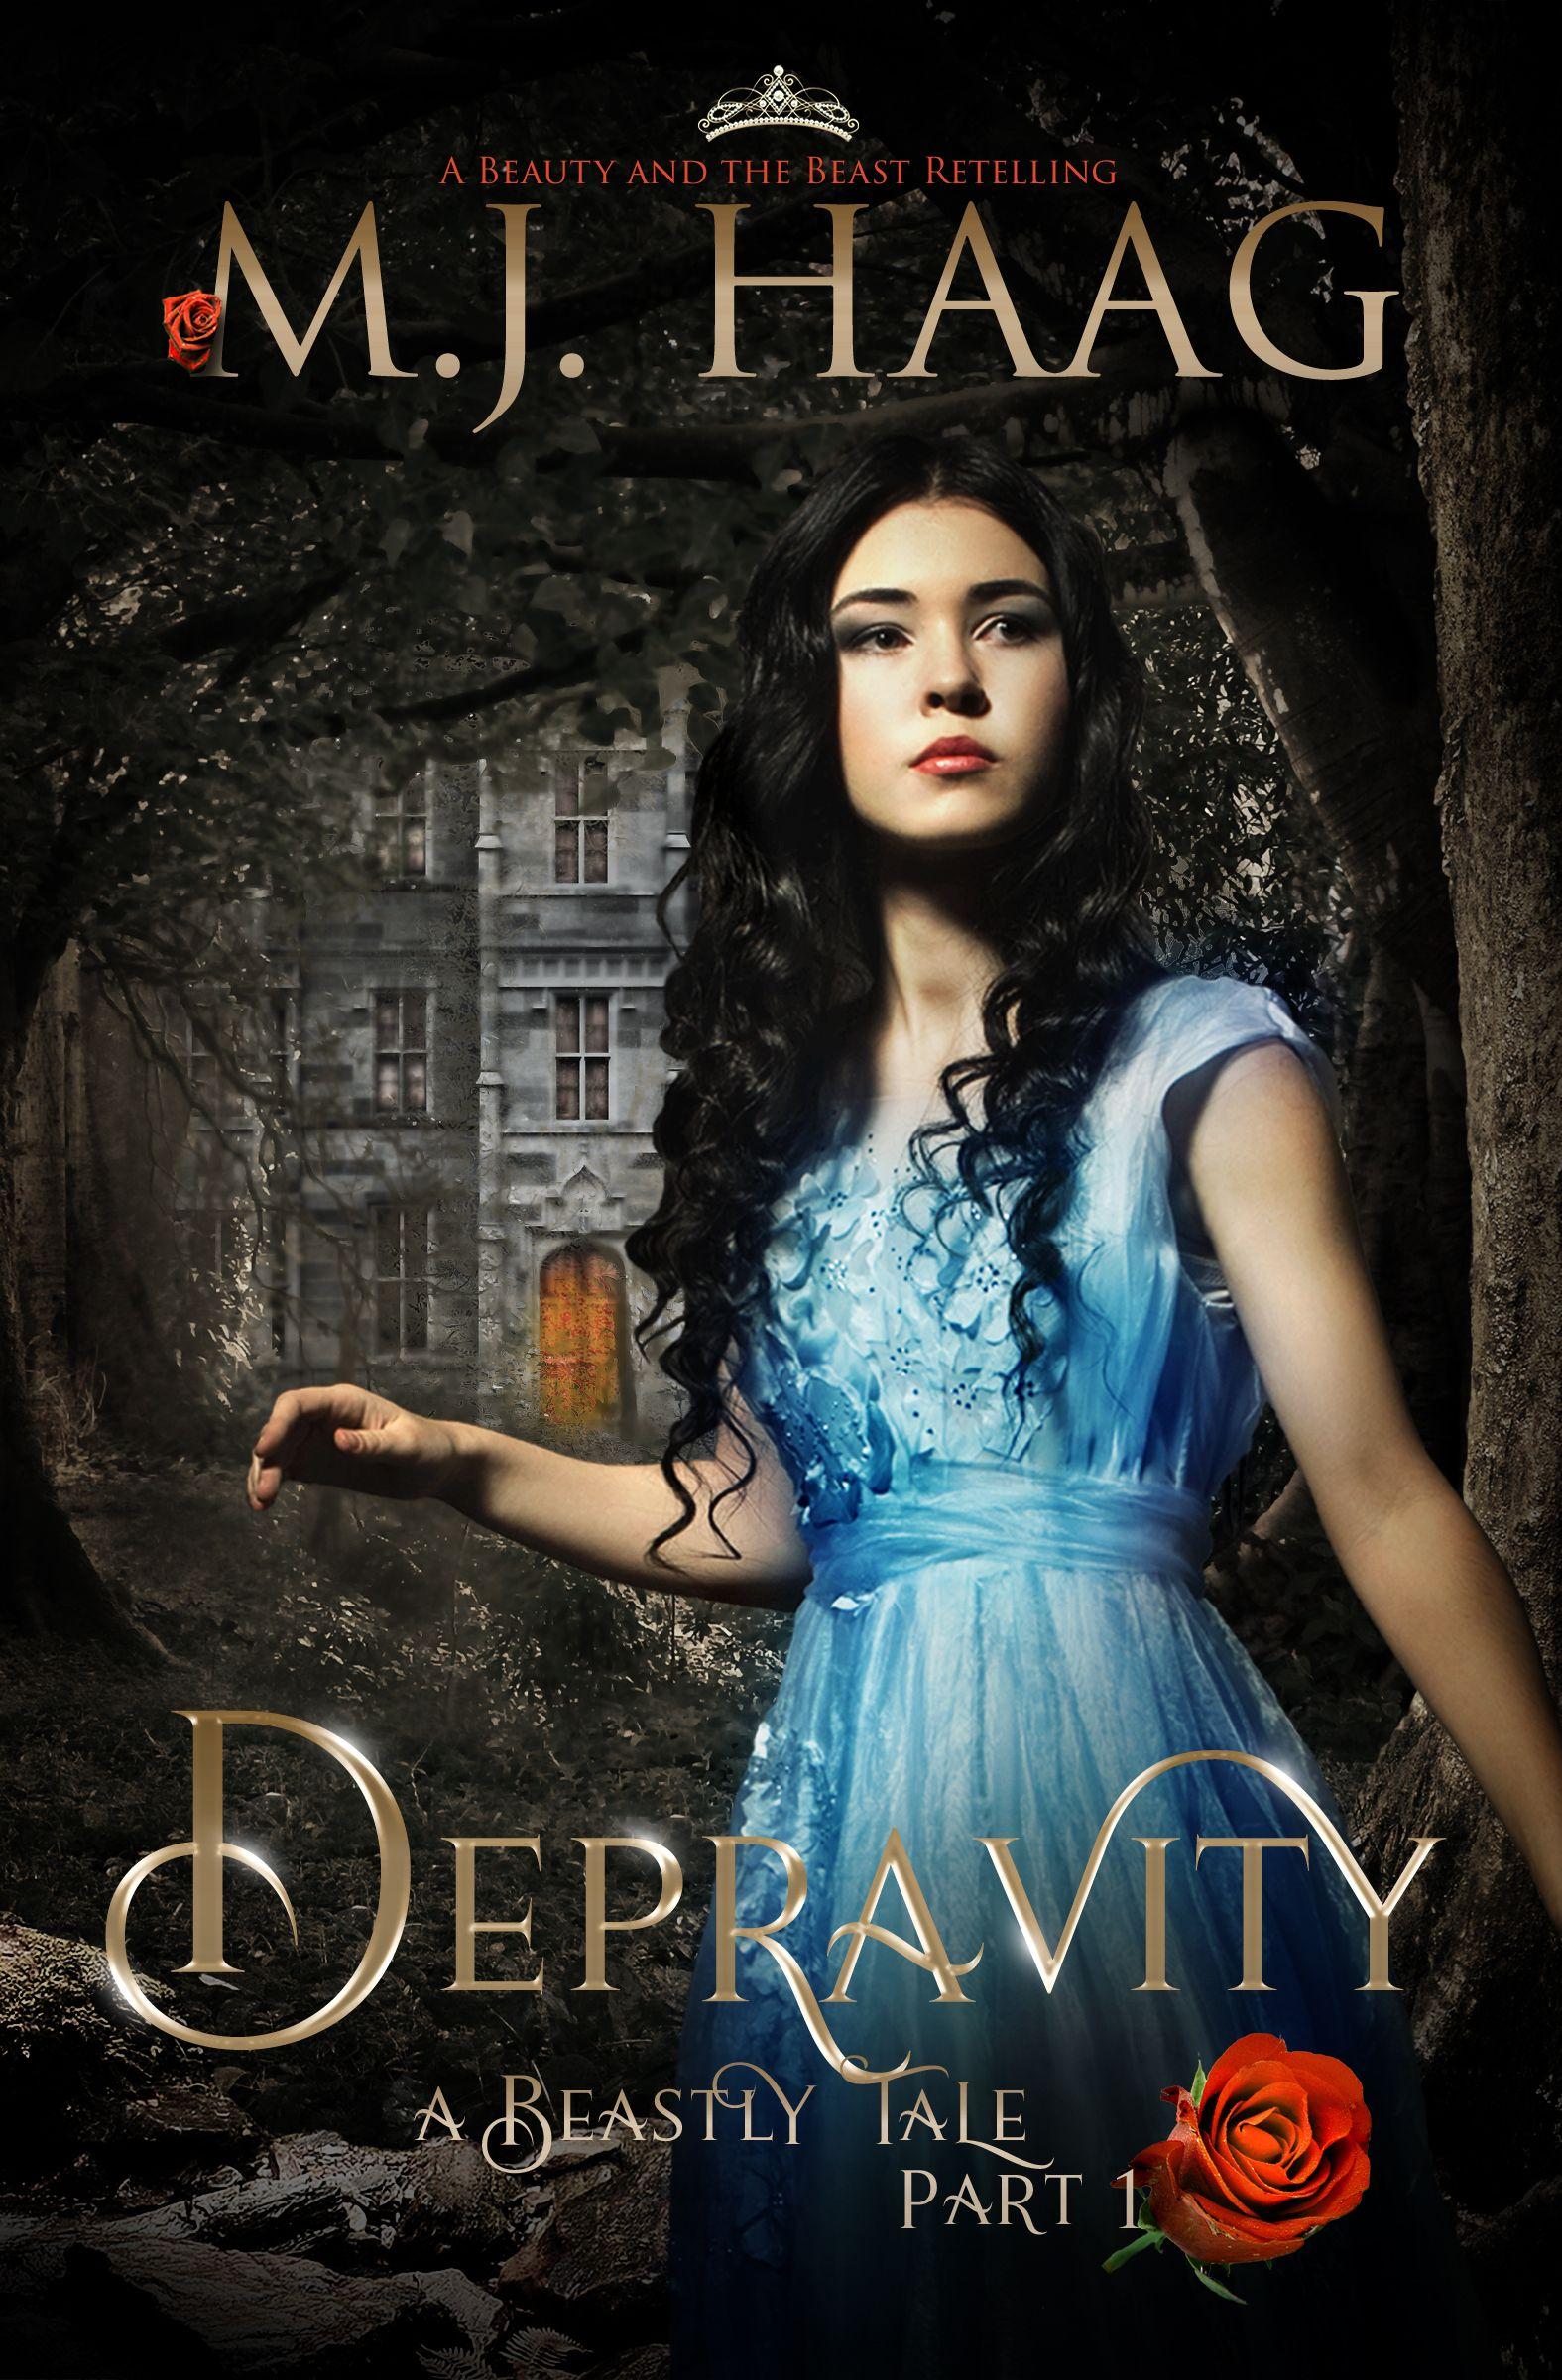 Depravity A Beauty And The Beast Novel A Beastly Tale